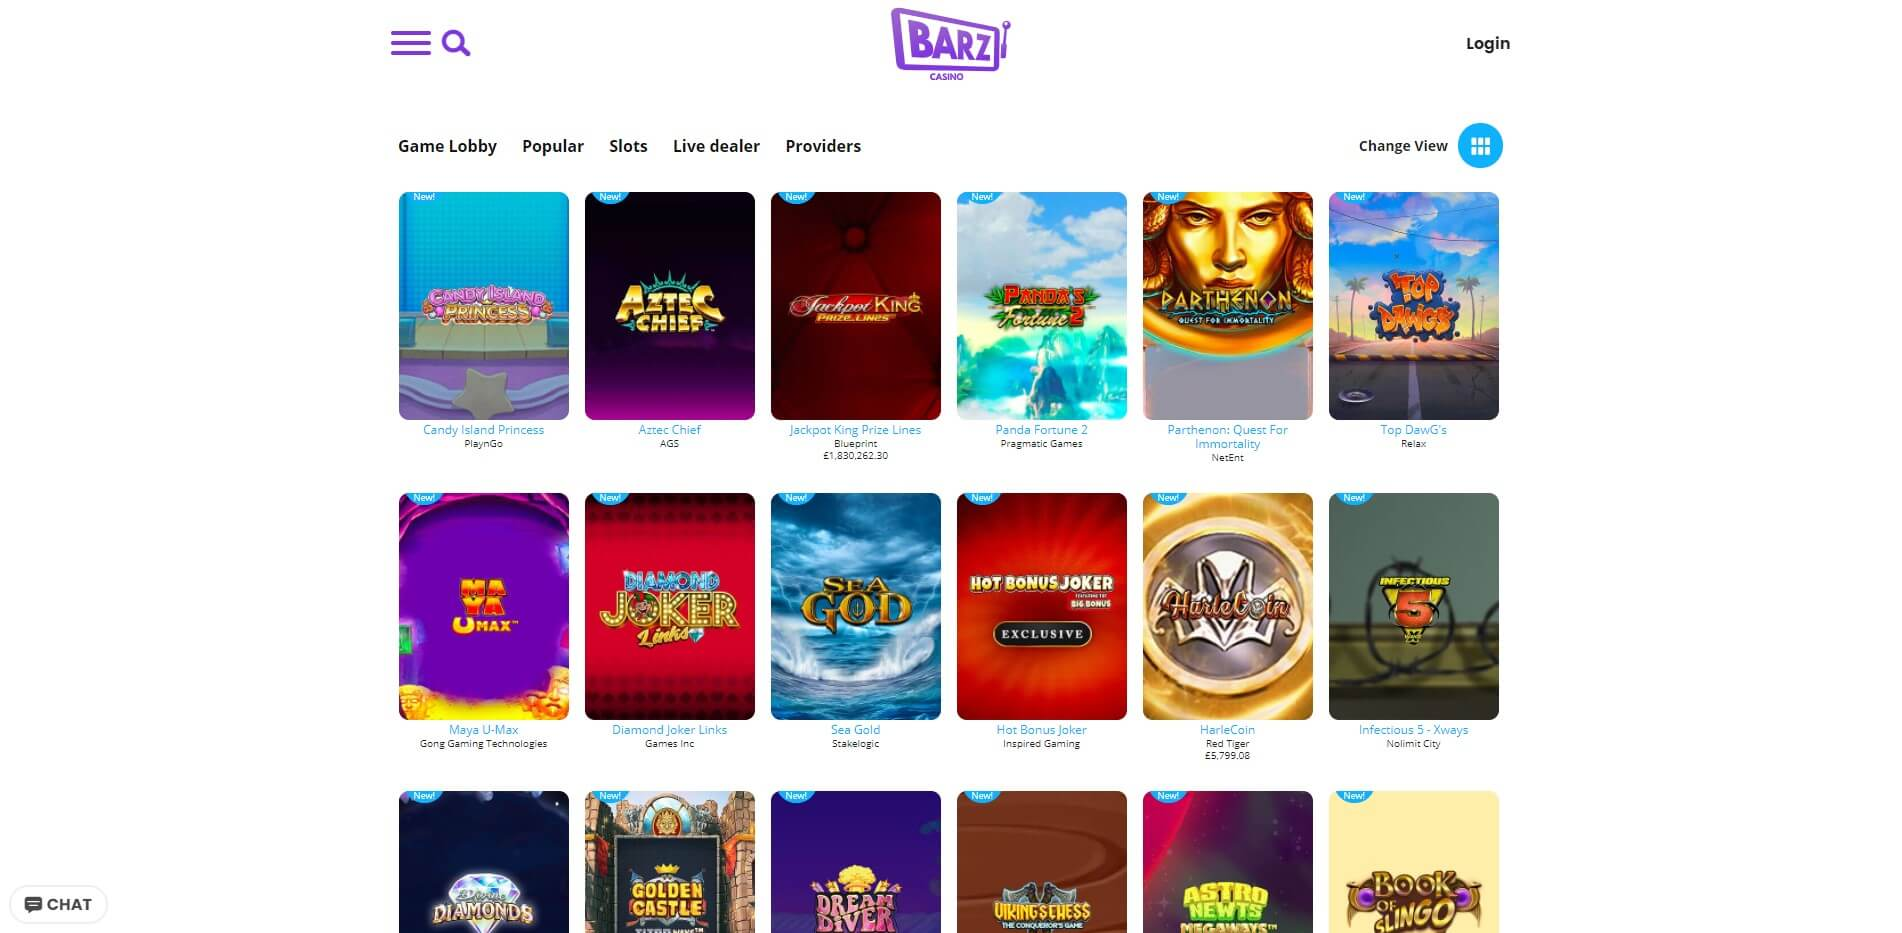 Games at Barz Casino